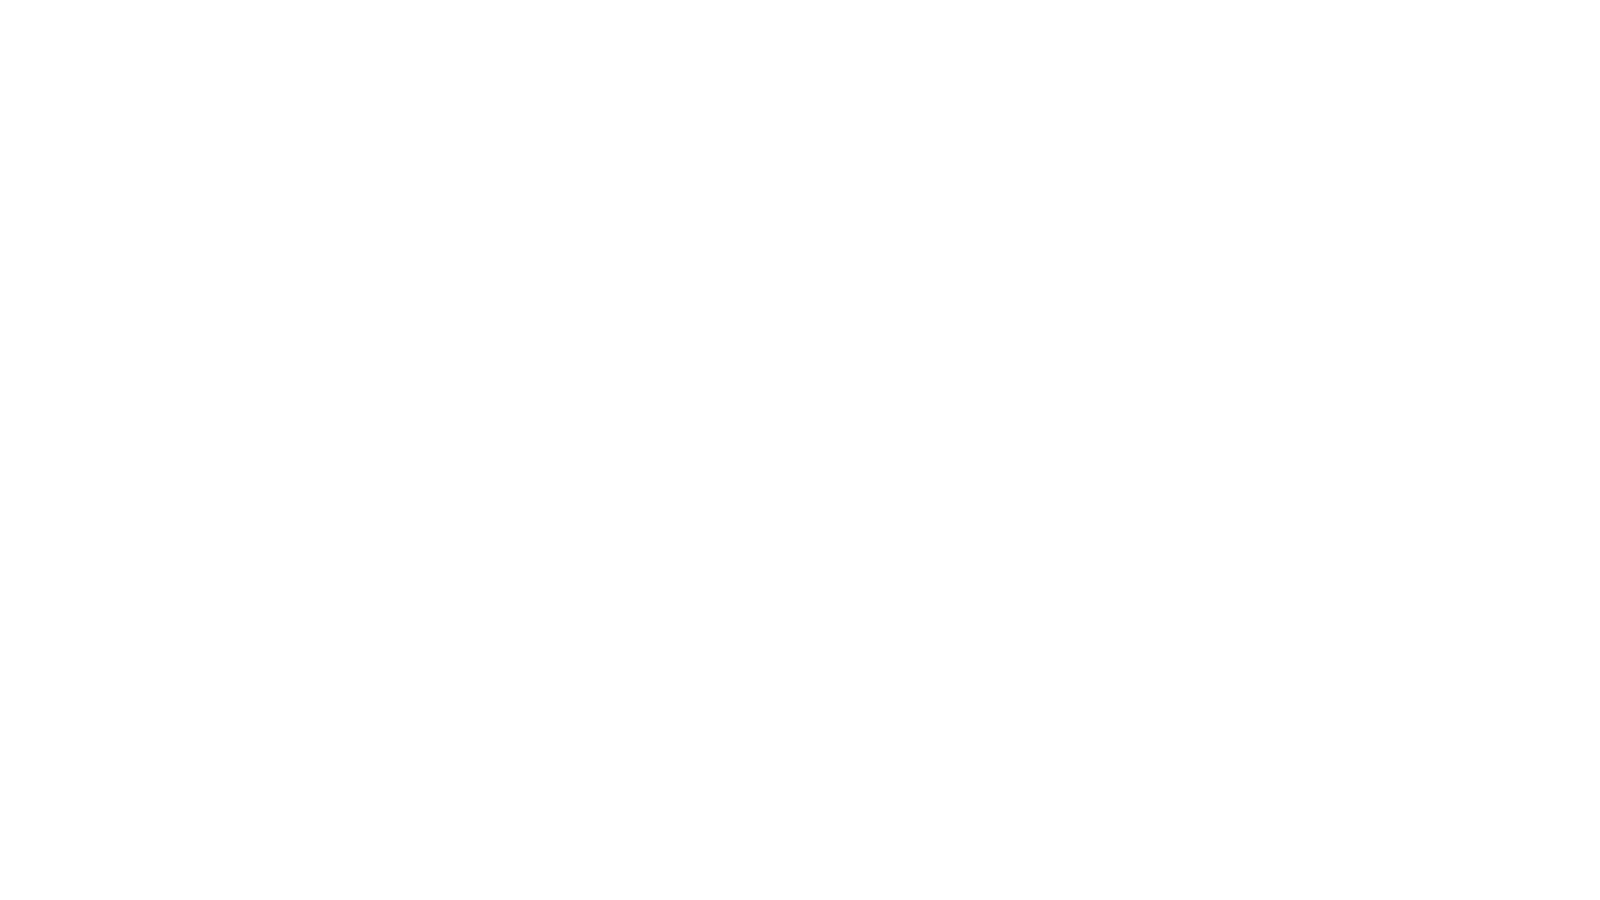 A Agência Nacional de Transportes Terrestres (ANTT) realizou nesta terça-feira (19/1), uma nova sessão virtual da Audiência Pública nº 11/2020, para receber contribuições às minutas de edital e contrato, ao Programa de Exploração da Rodovia (PER) e aos estudos de viabilidade técnica, econômica e ambiental, para concessão do Sistema Rodoviário Rio de Janeiro (RJ) – Governador Valadares (MG), compreendido pelos seguintes trechos da BR-116/RJ/MG – BR-465/493/RJ:  Matéria completa no site da NTC&Logística https://www.portalntc.org.br/noticias/14930-diretor-juridico-da-ntclogistica-participa-de-audiencia-publica-da-antt.html